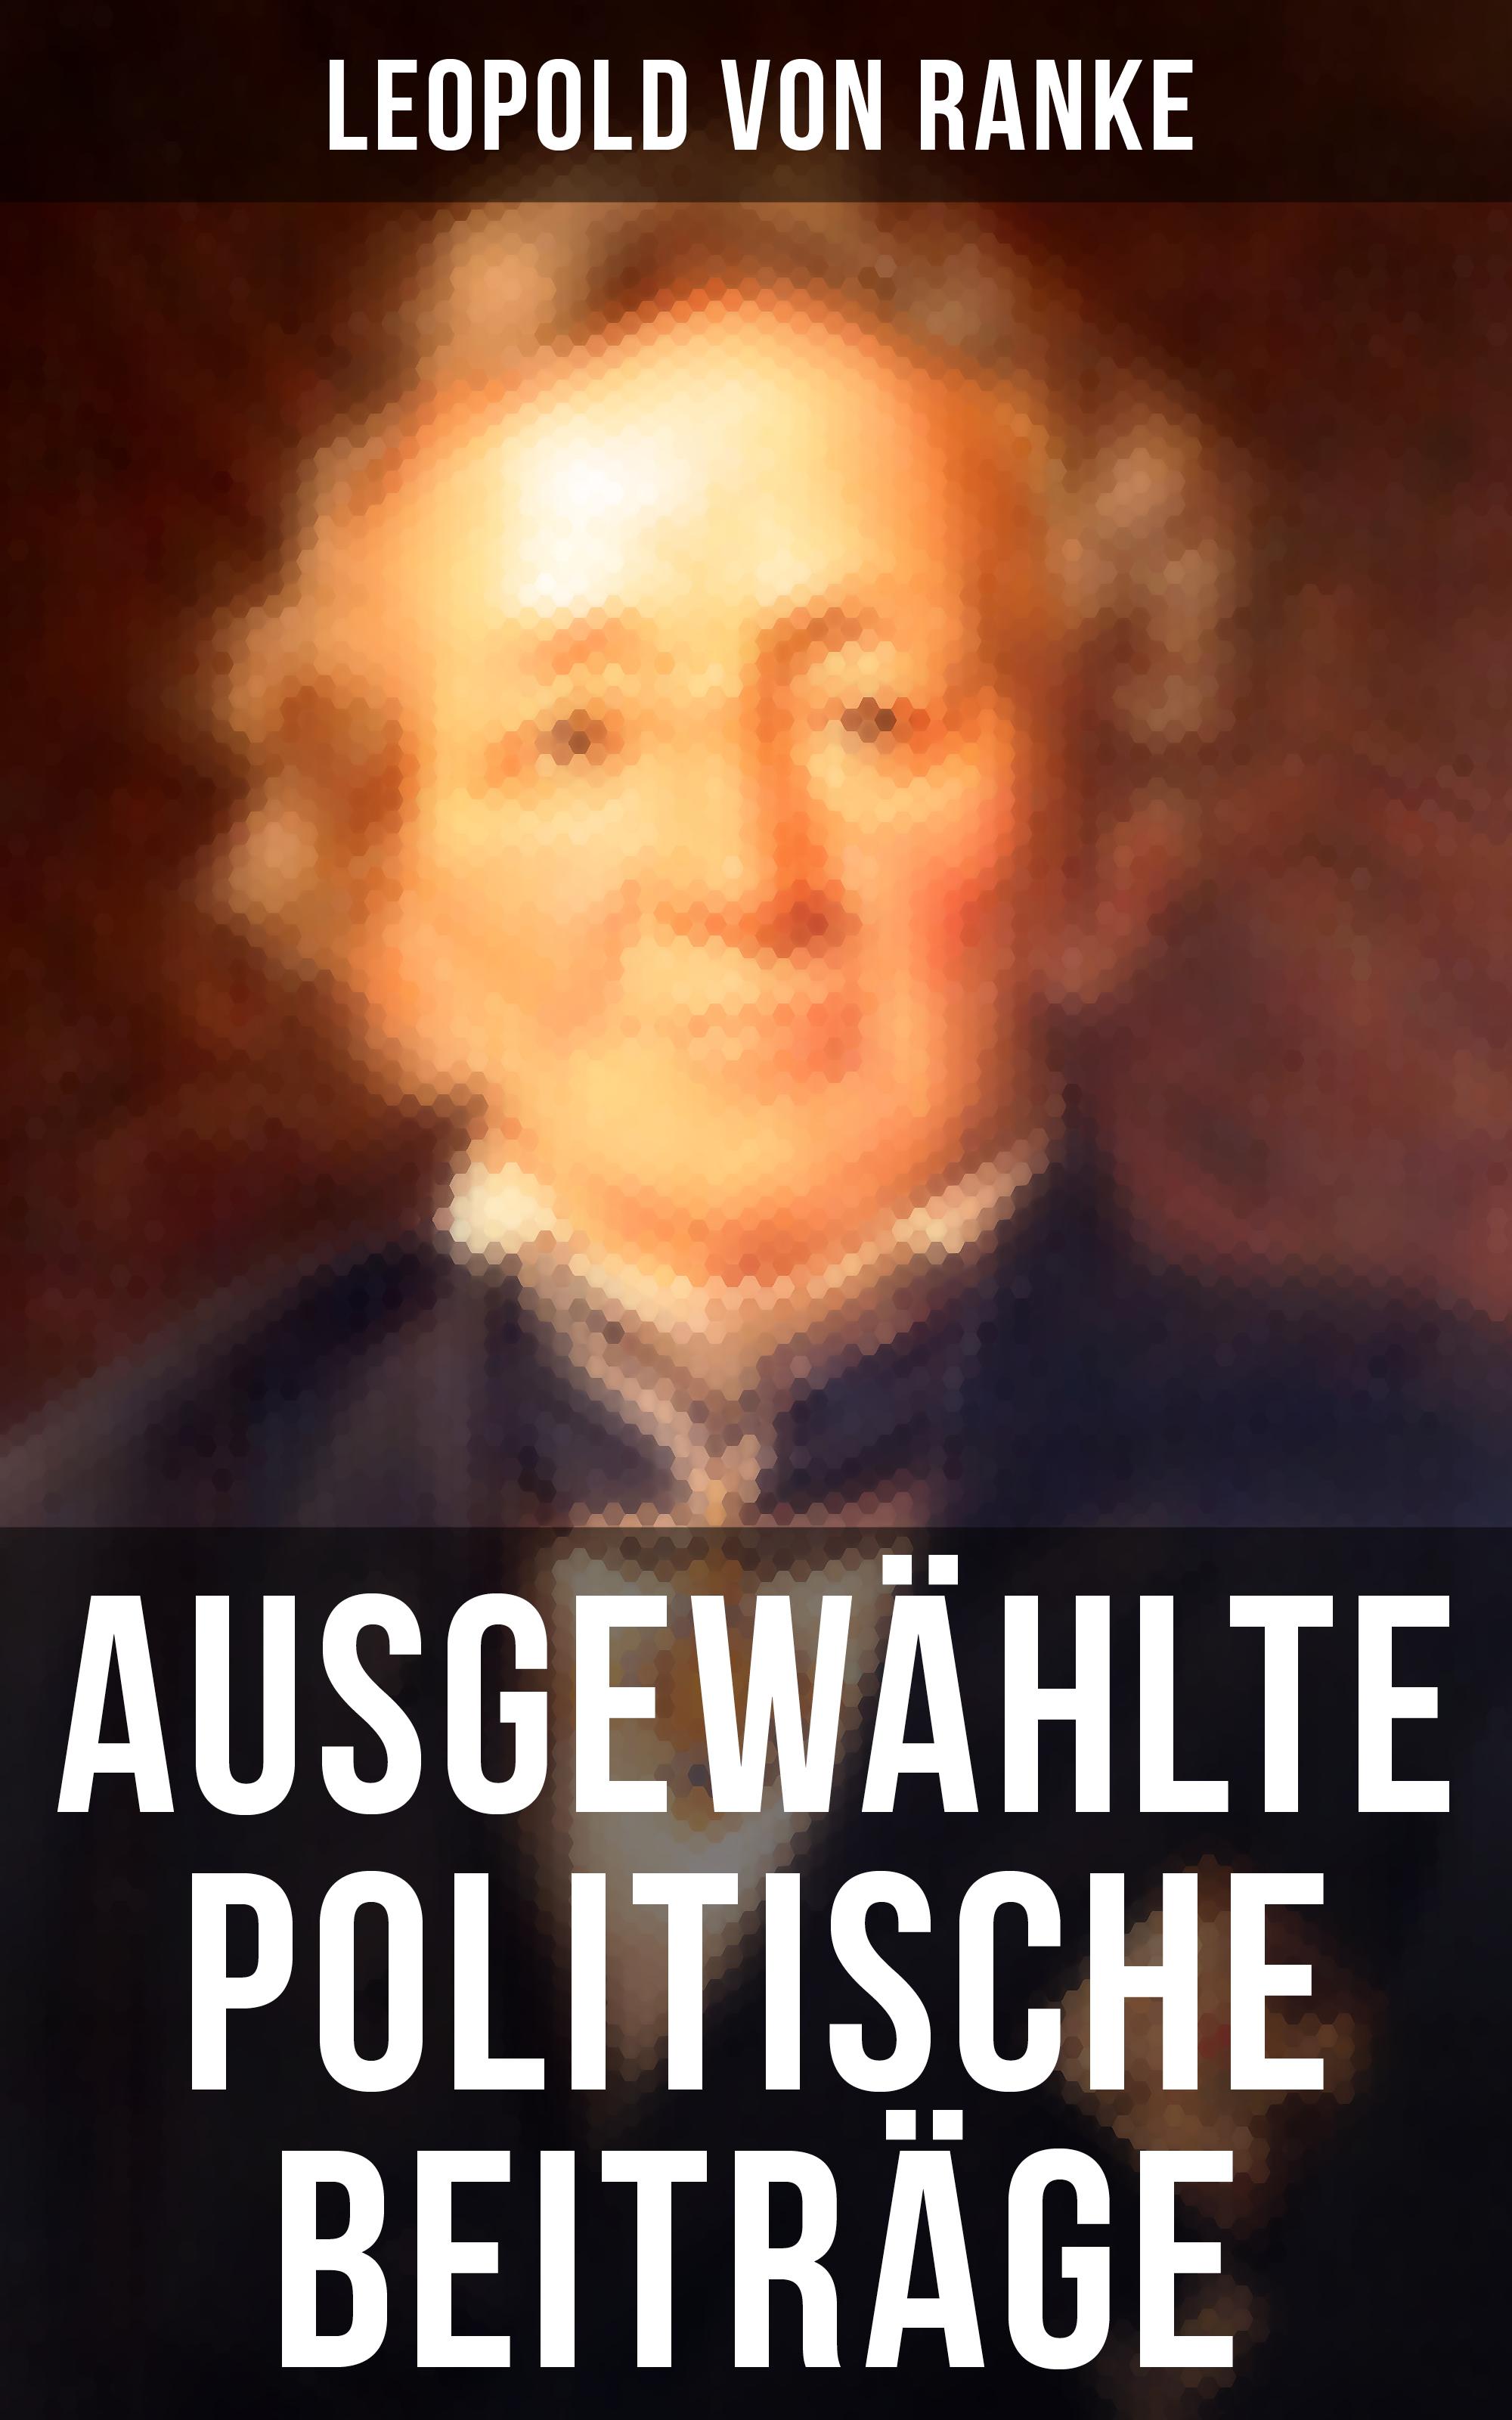 Leopold von Ranke Ausgewählte politische Beiträge